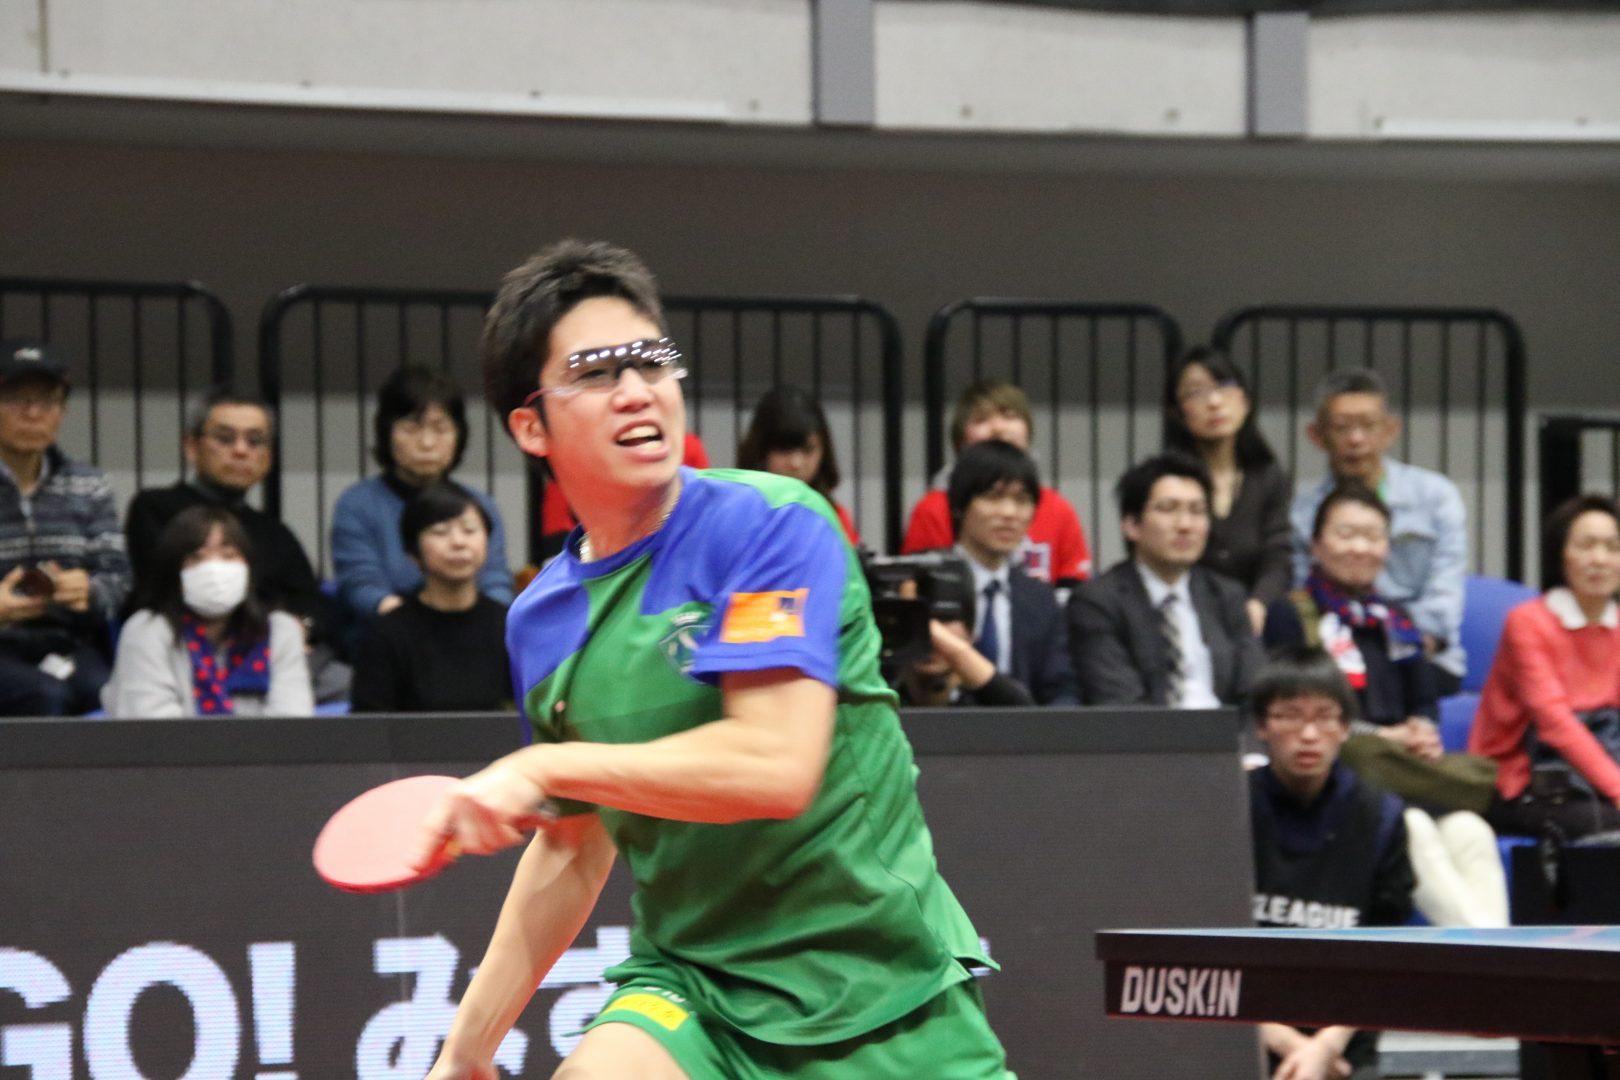 【今週の日本の卓球】創設1年目のTリーグ、レギュラーシーズン全日程が終了